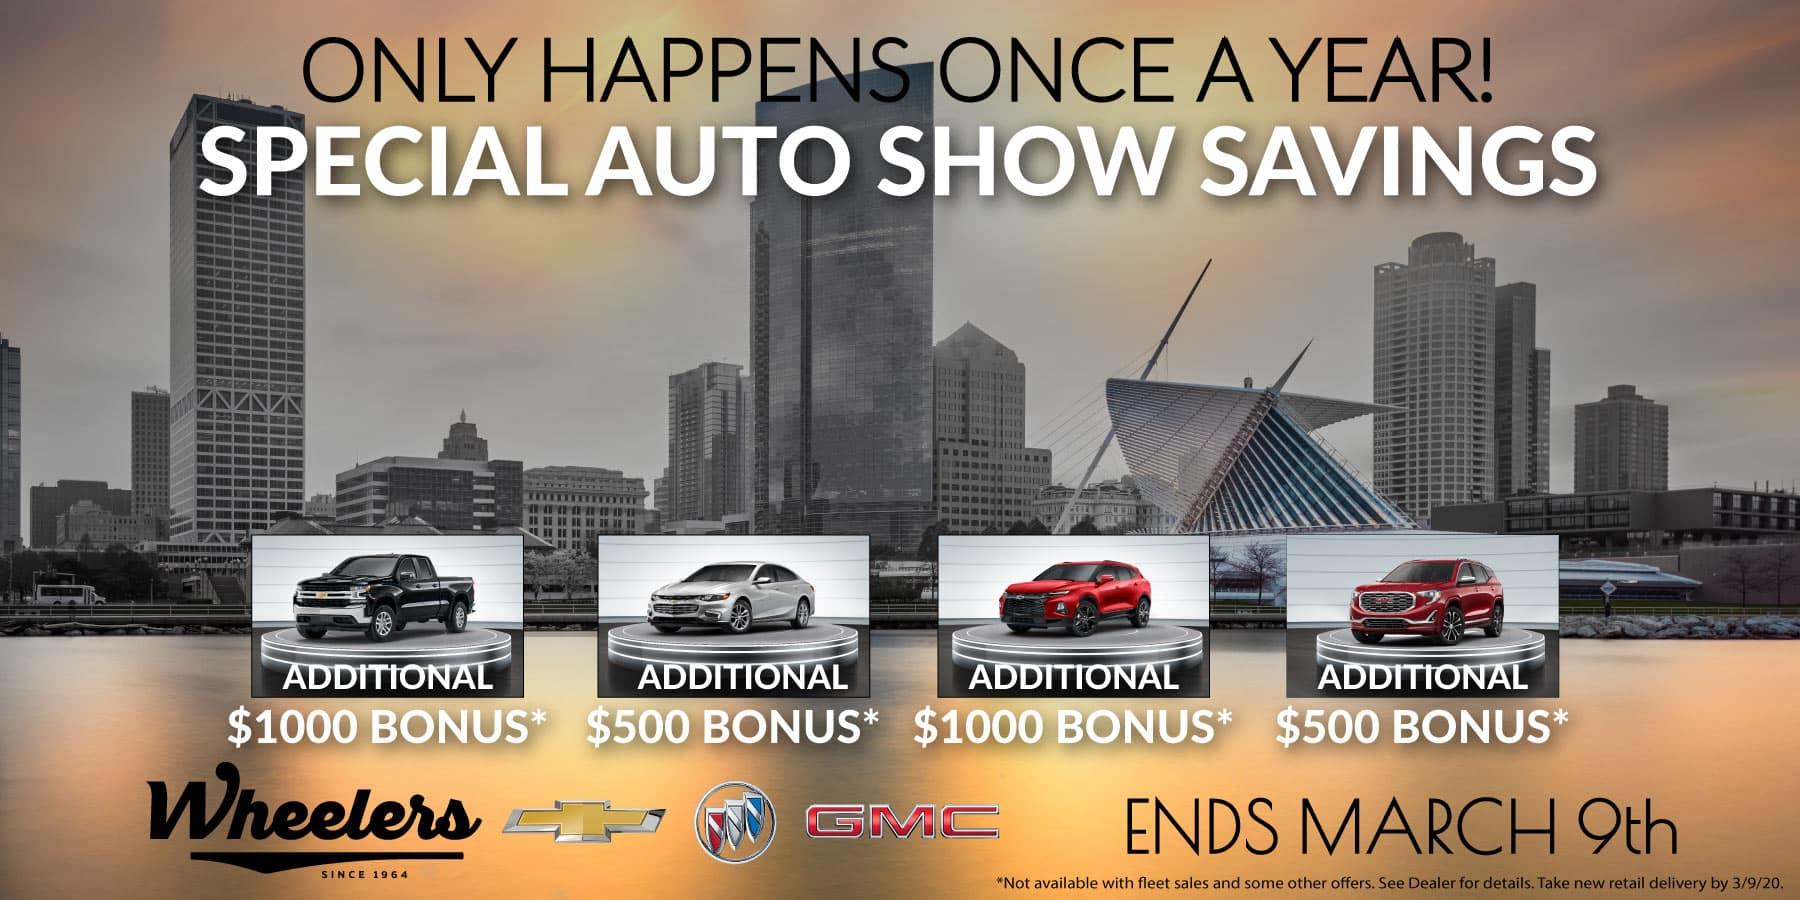 Special Auto Show Savings